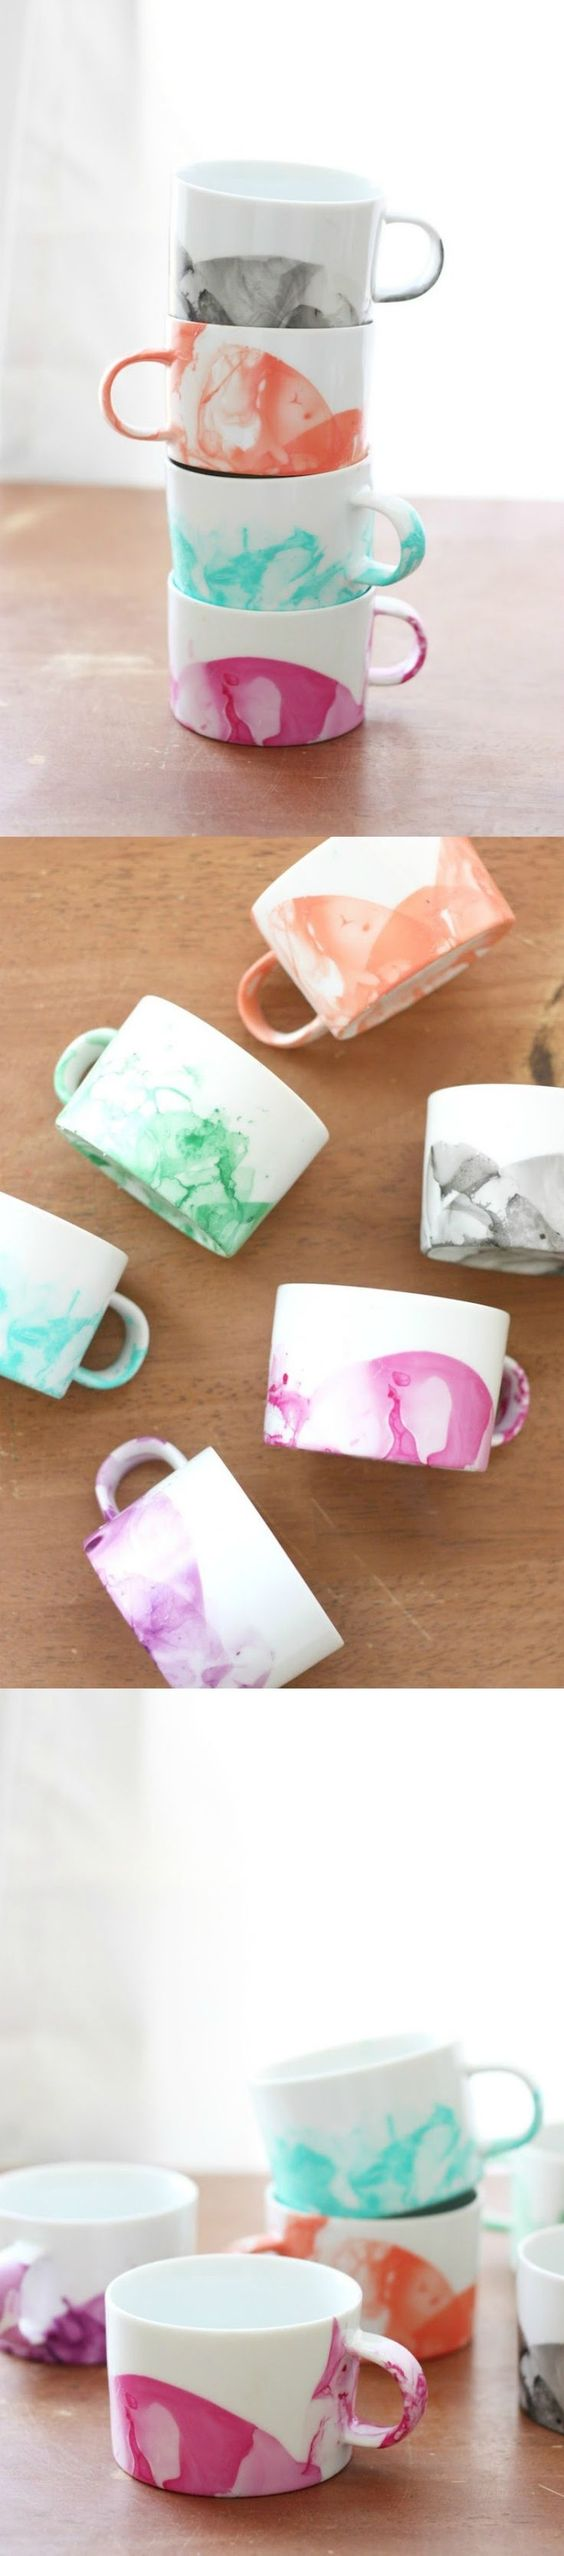 Inspiration 10 Id 233 Es Pour D 233 Corer Vos Mugs